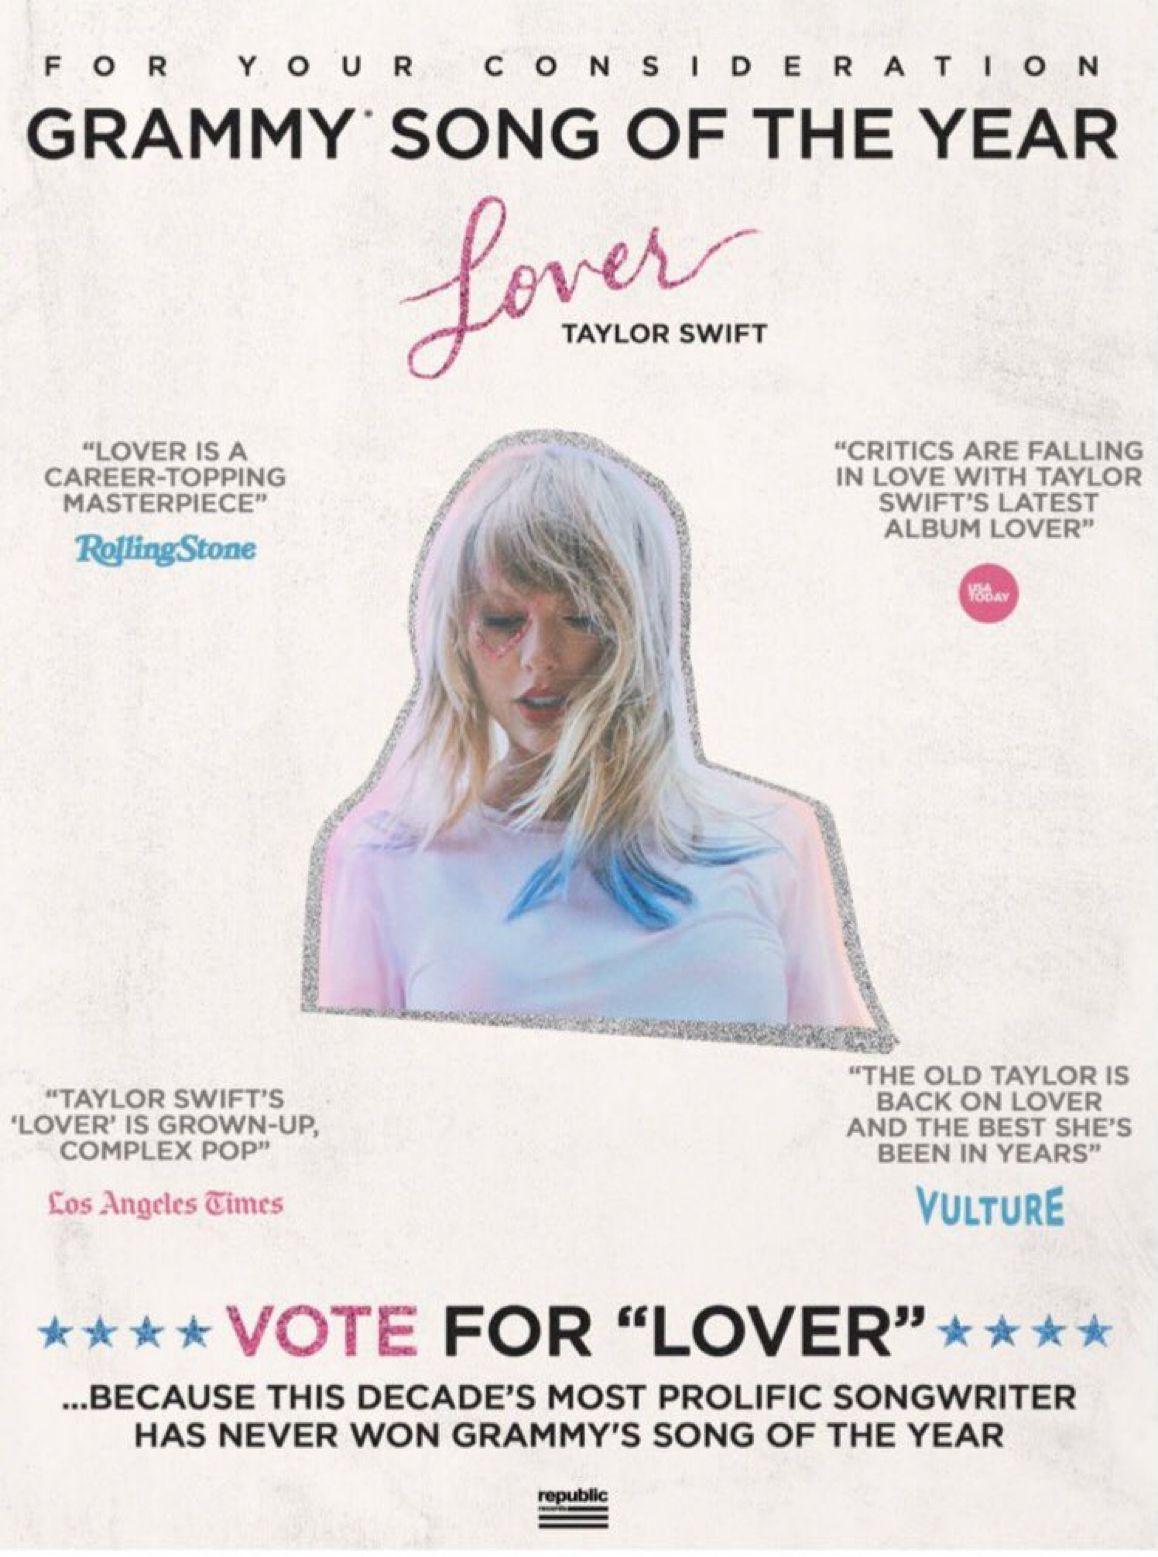 Pin By Brynn On Taylor Swift Taylor Swift Fan Taylor Swift Swift